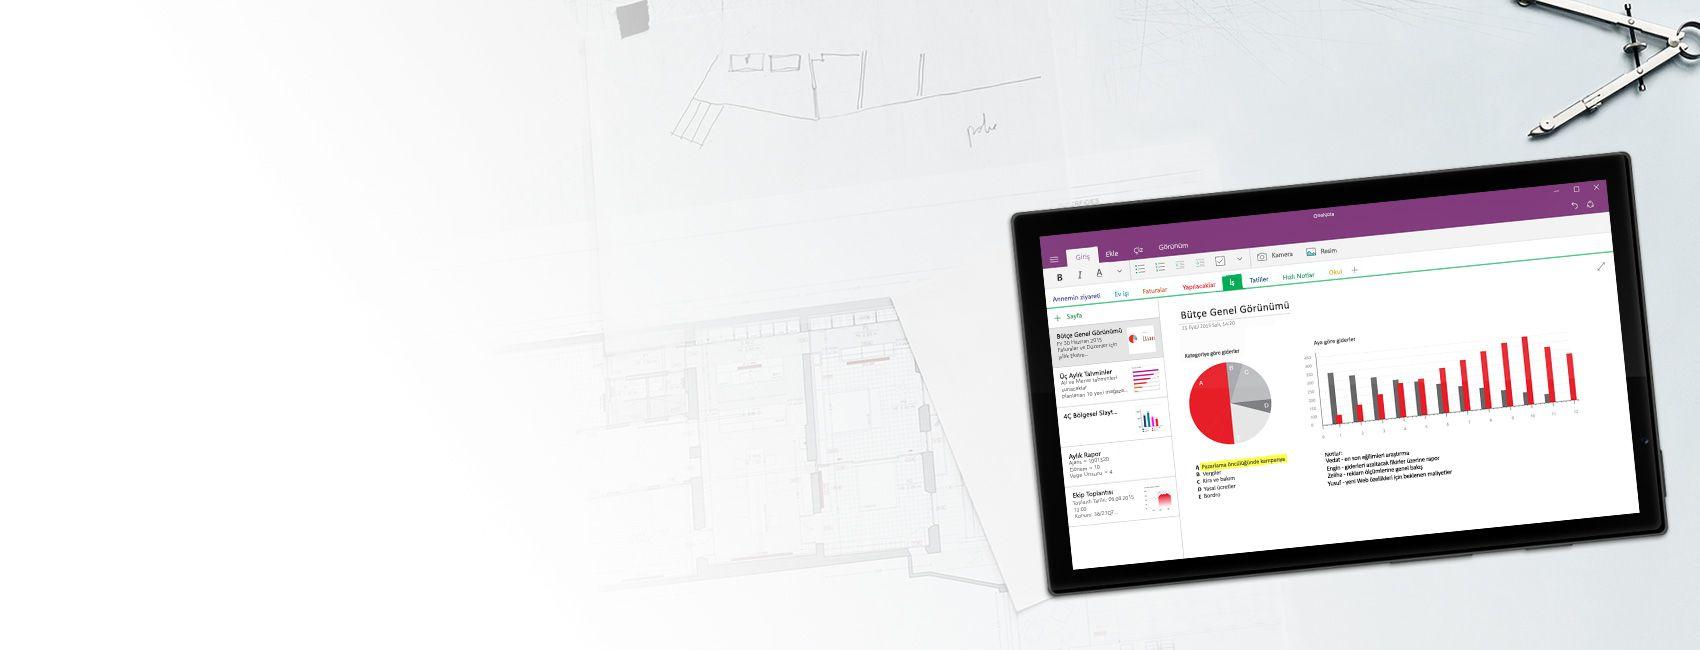 Bütçe genel bakış çizelge ve grafikleri bulunan bir OneNote not defteri görüntülenen Windows tablet